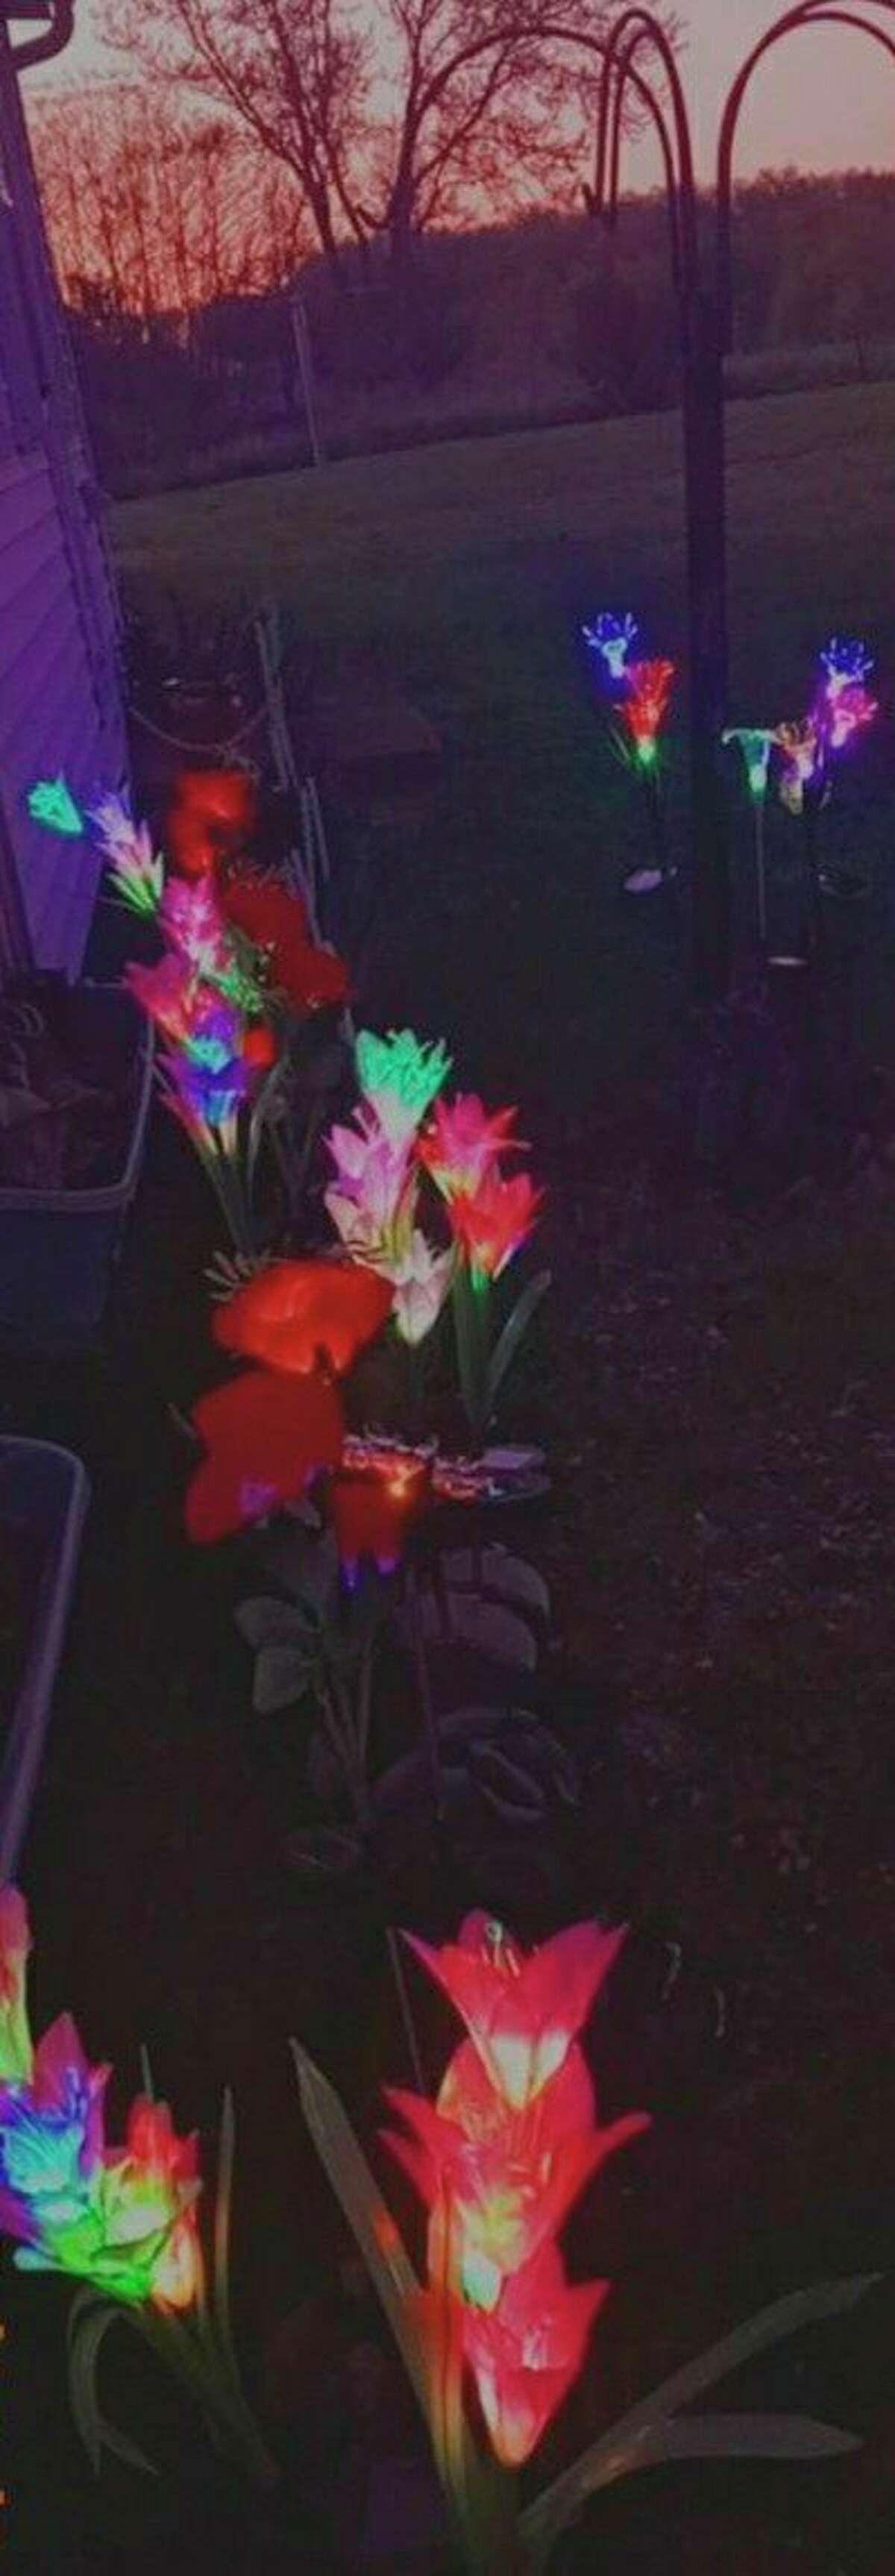 The family lit solar flowers